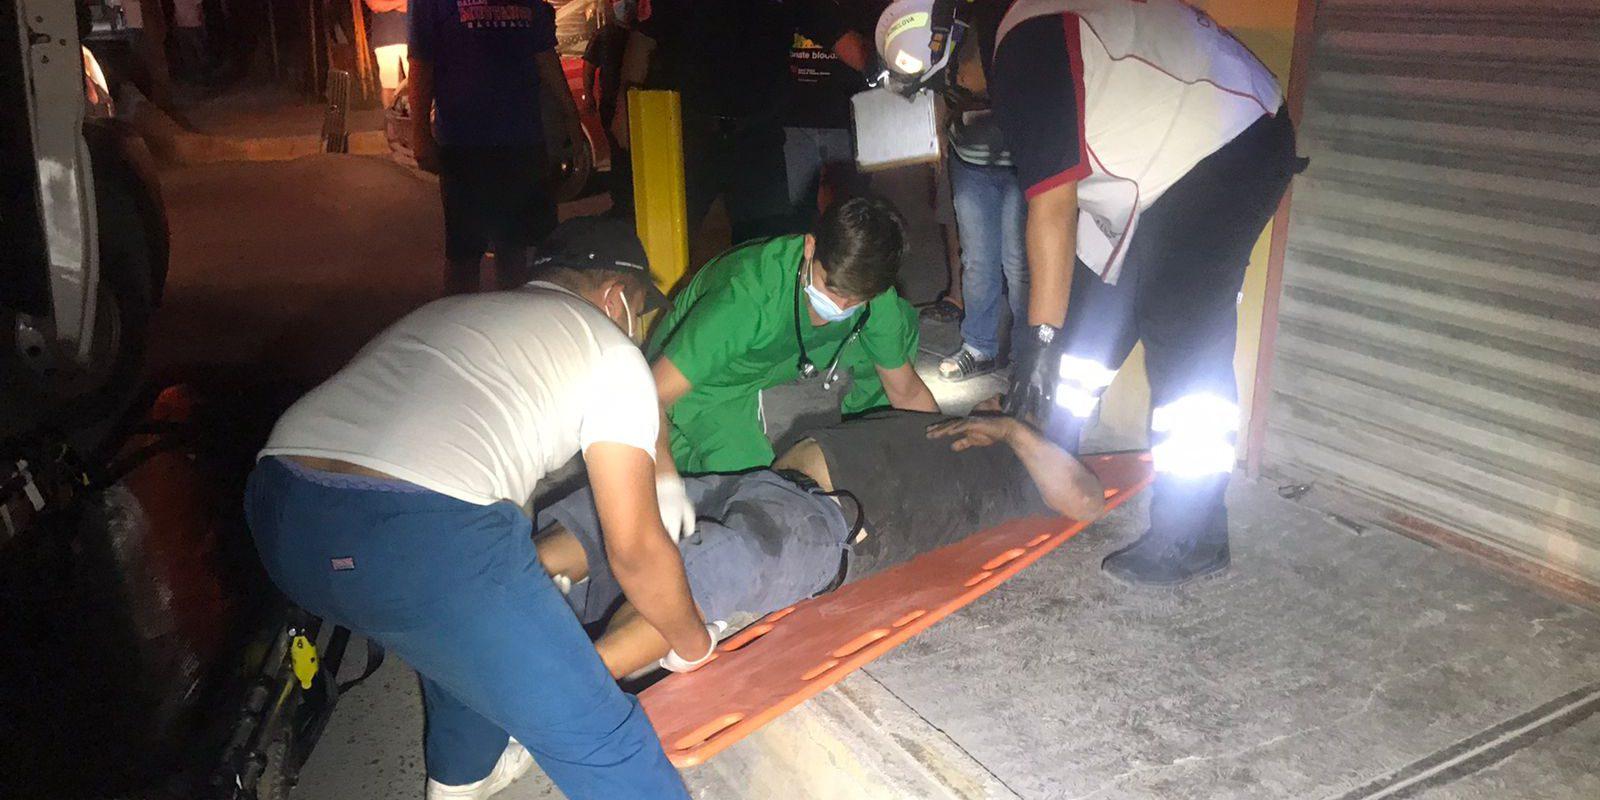 Policiaca: Ebrio conductor hace chuza con tres vehículos y una vivienda; queda lesionado en Monclova